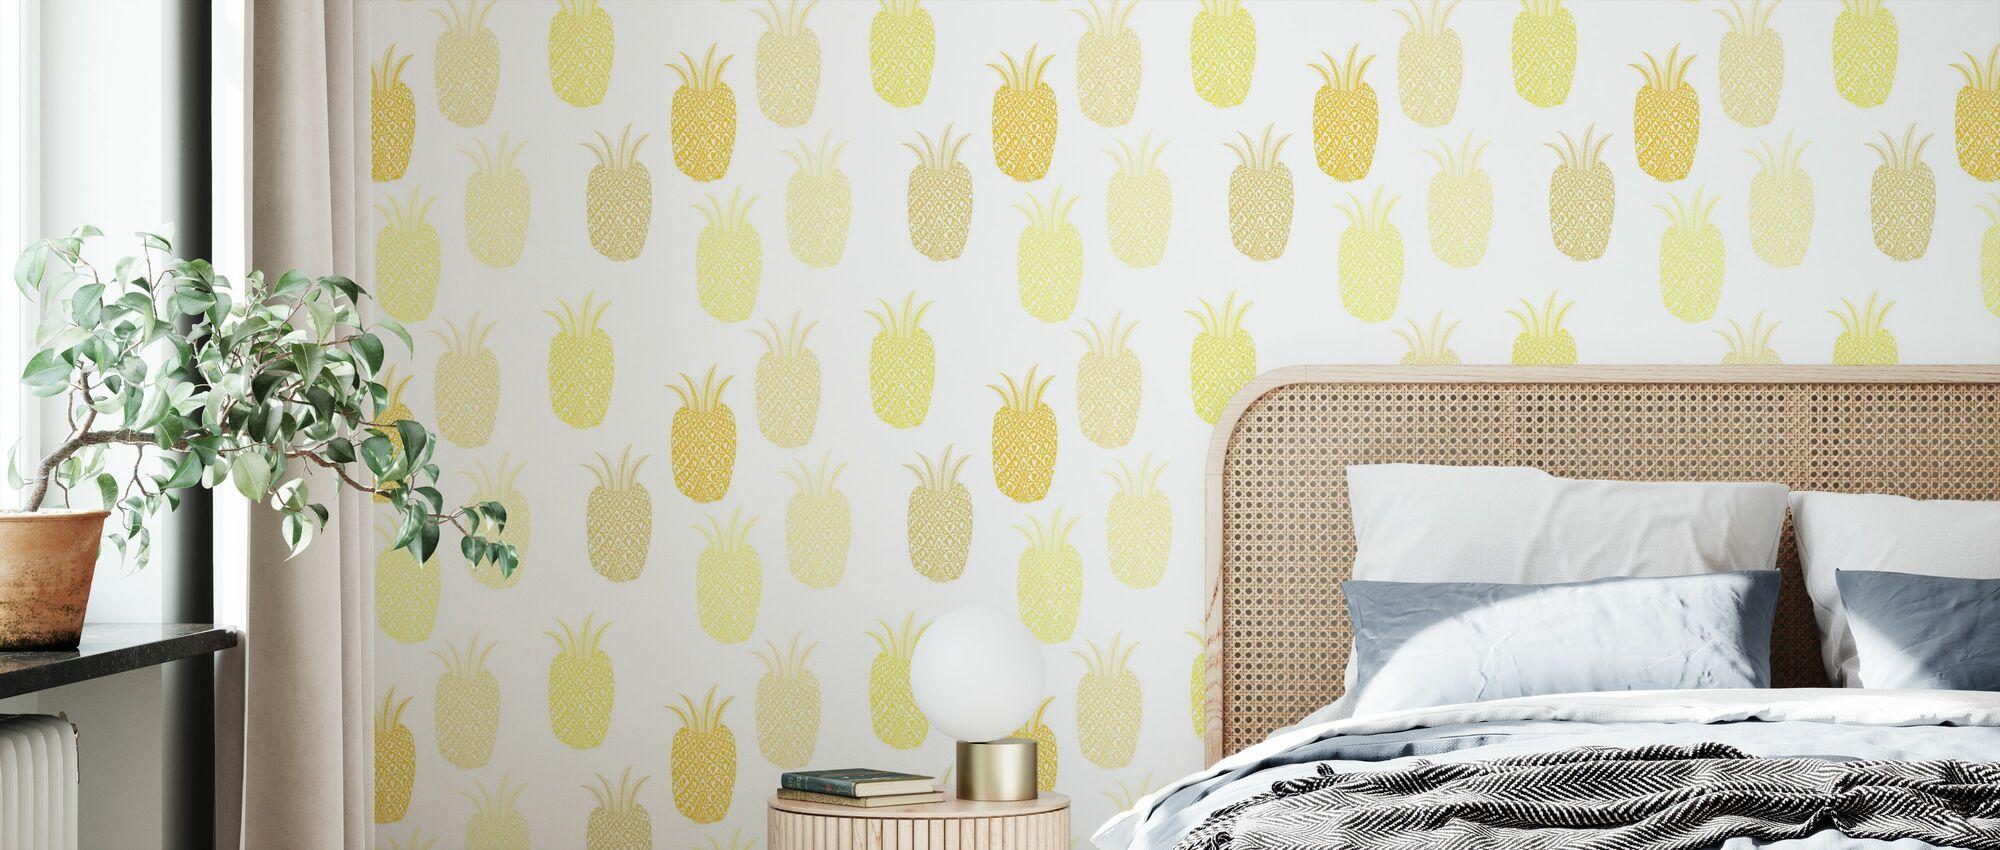 Pineapple - Wallpaper - Bedroom